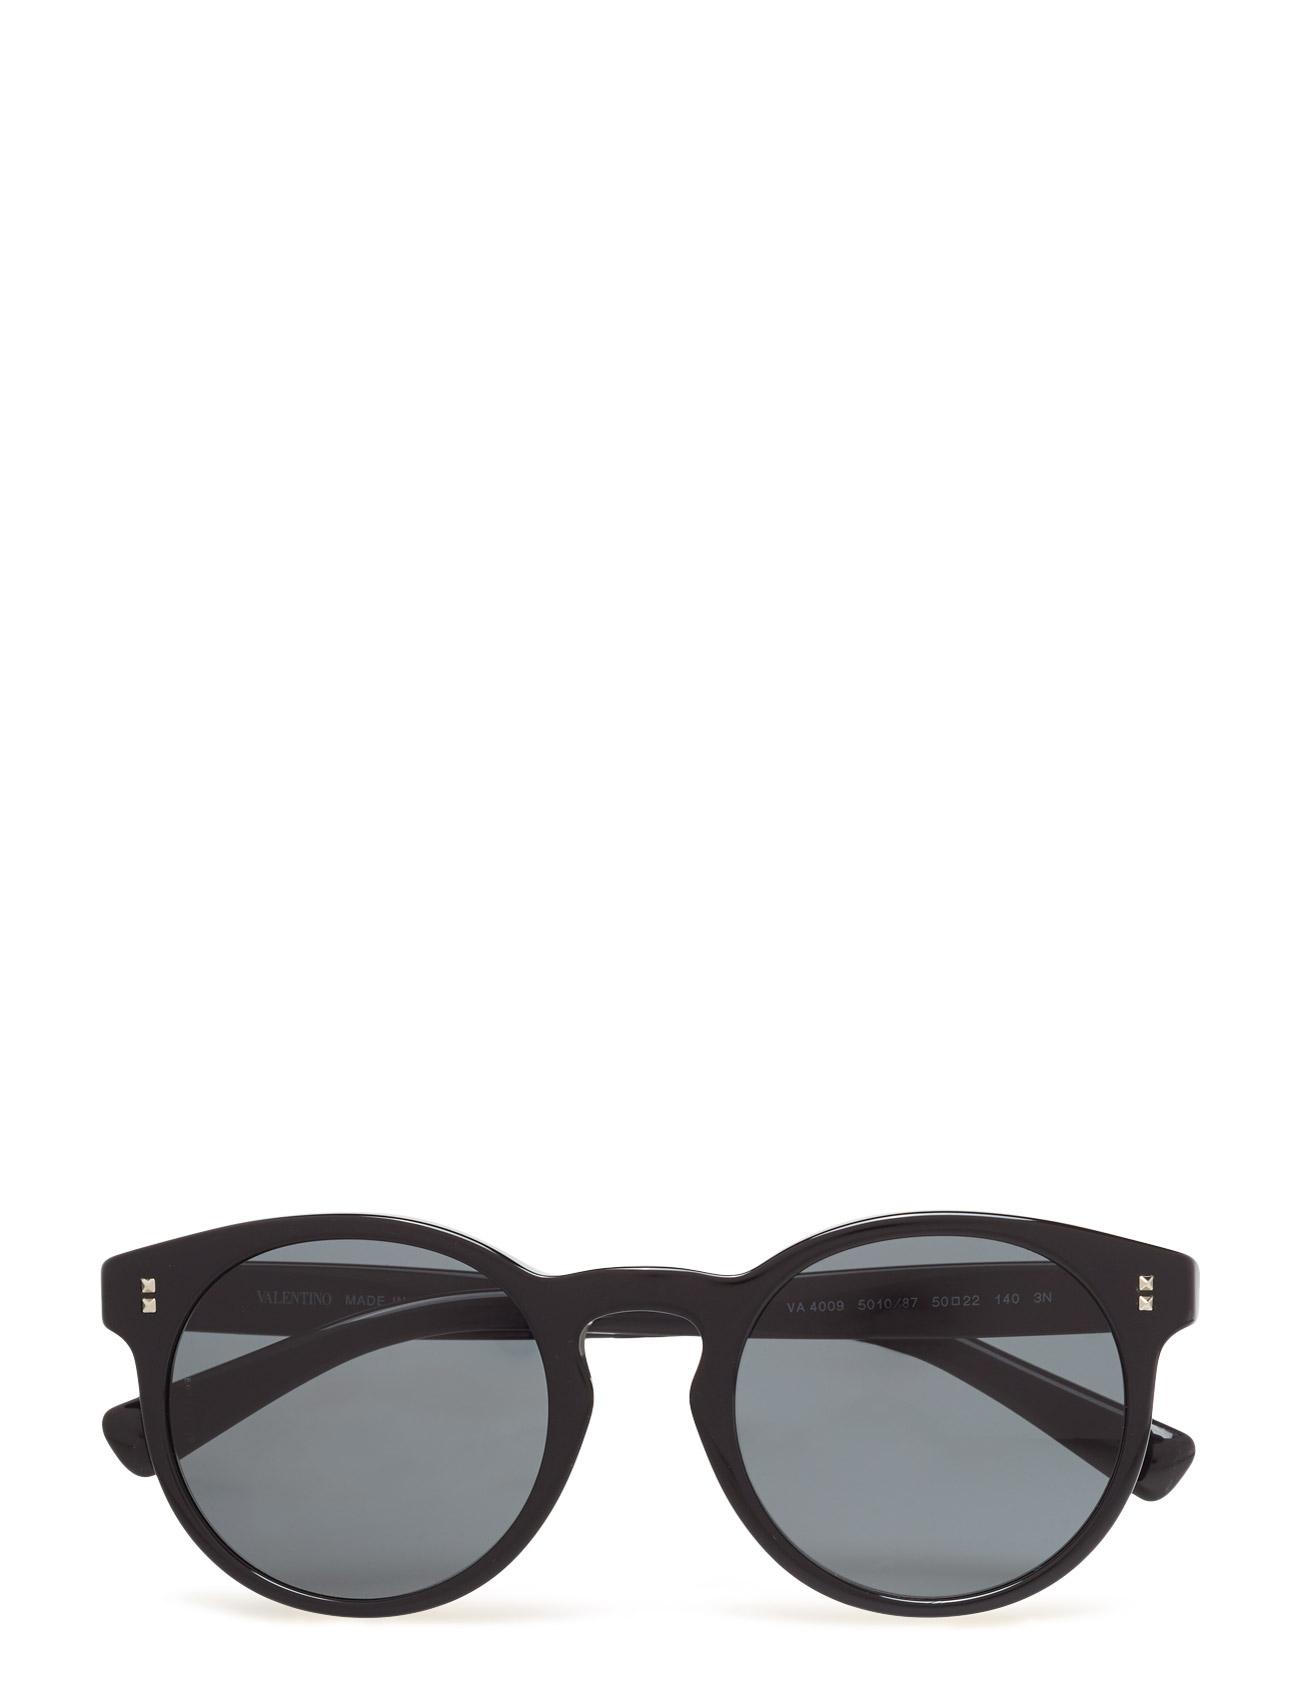 valentino sunglasses – Rockstud rivets på boozt.com dk